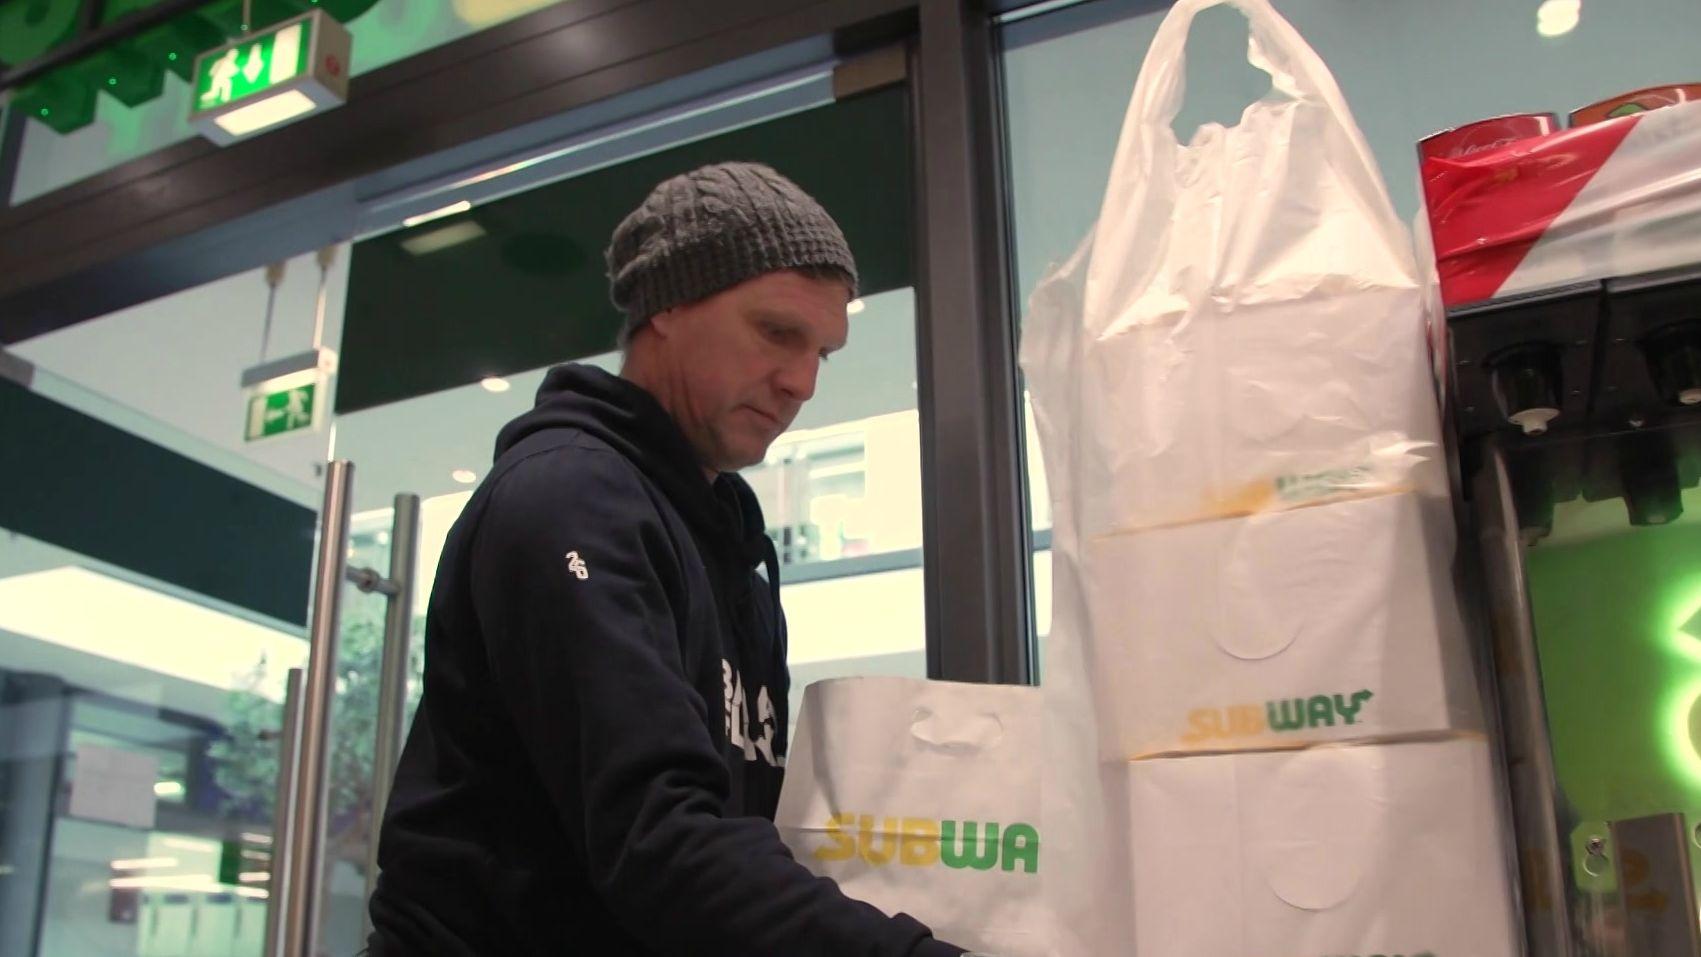 Martin Driller beim Transport der Essenspakete